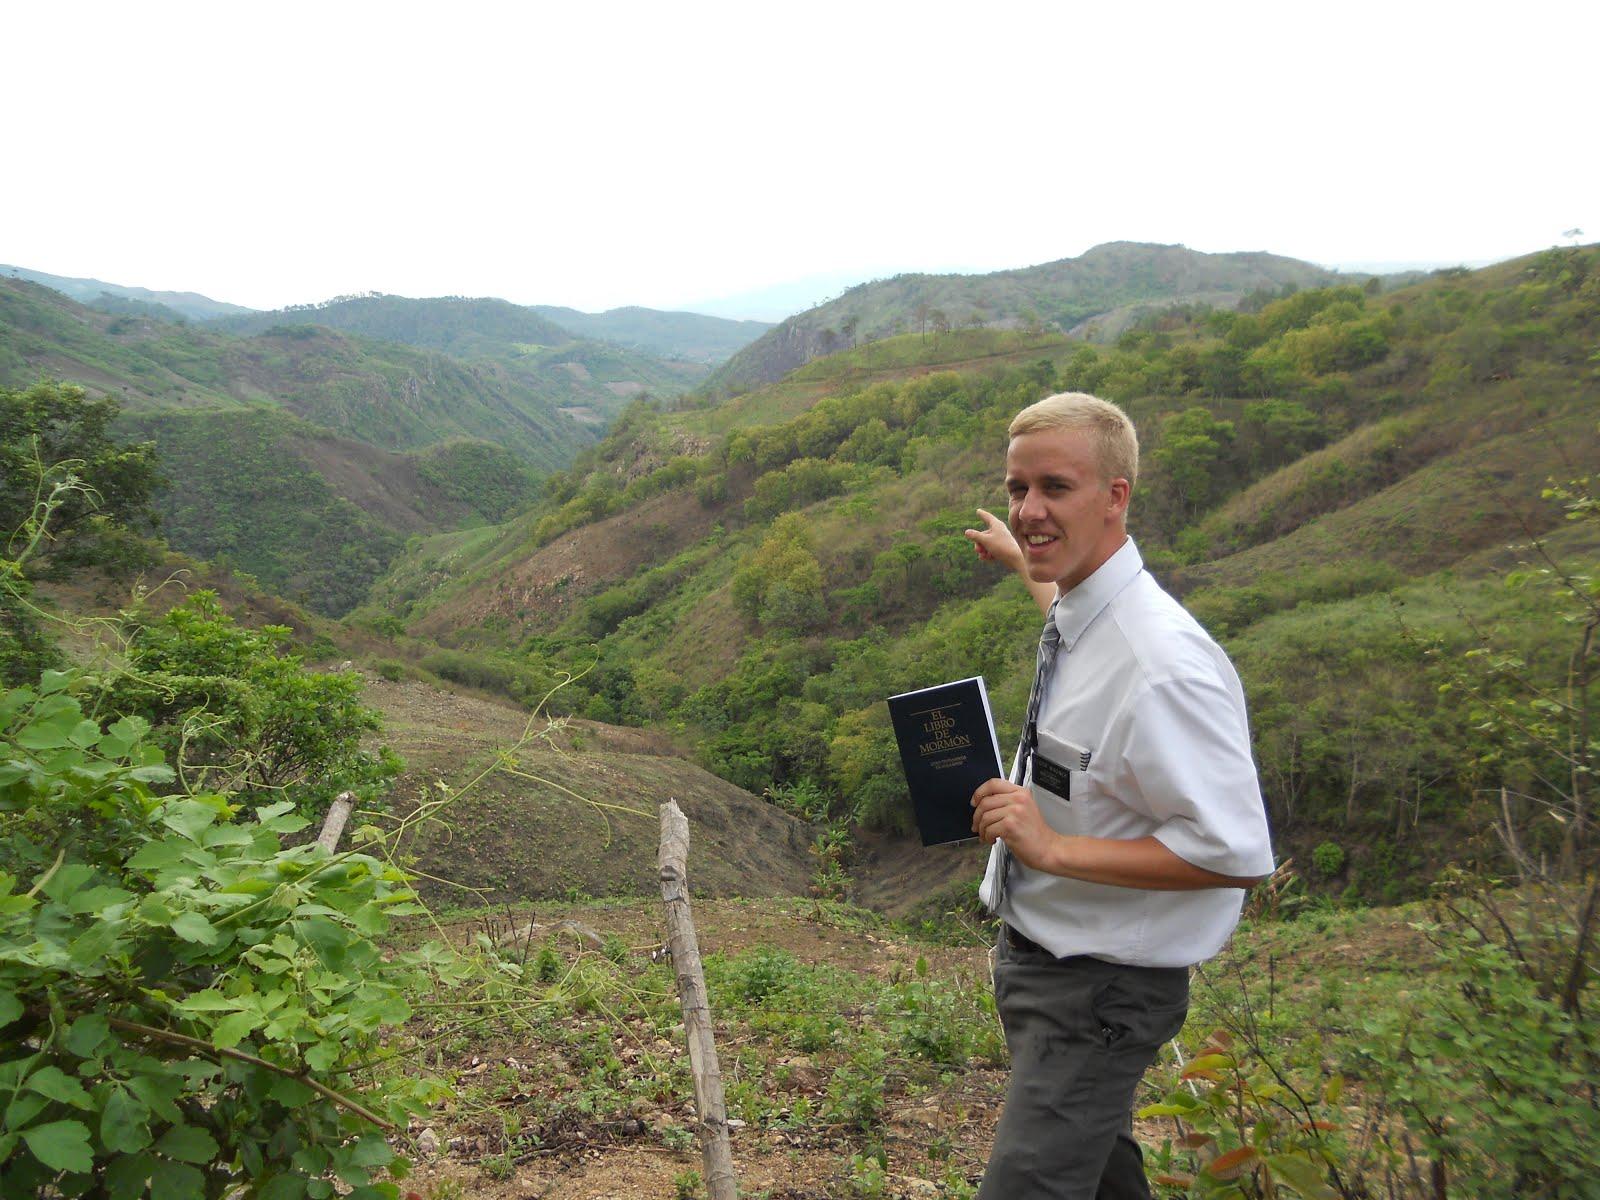 Elder Riley J. Wagner